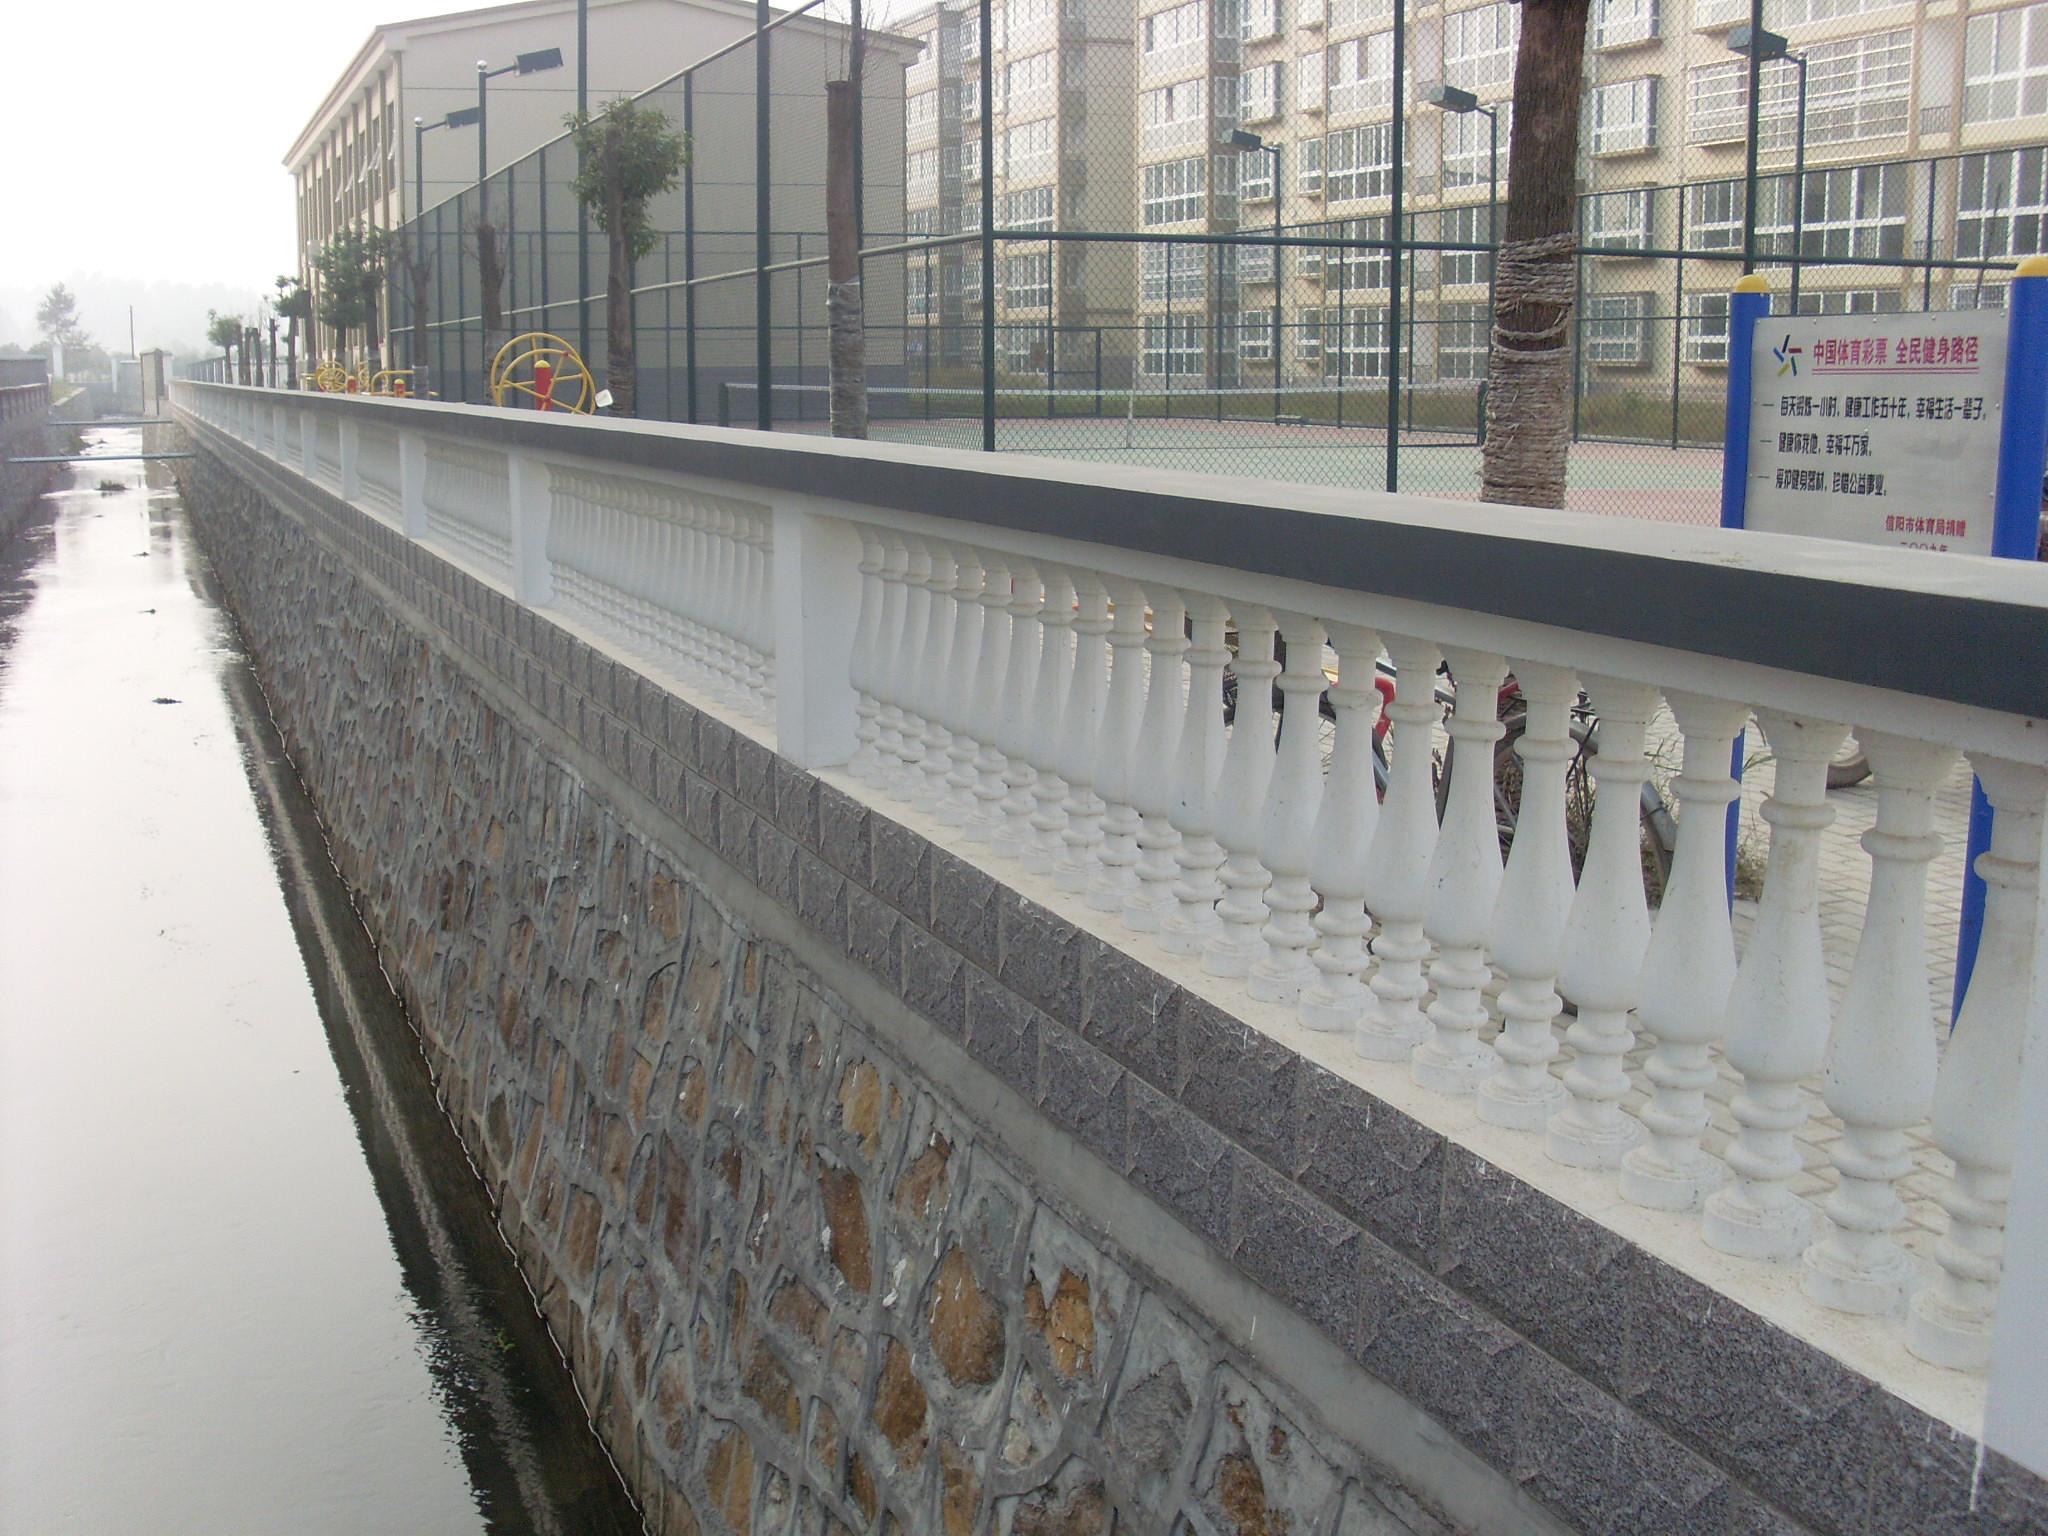 水泥艺术围栏_阳台水泥护栏,栏杆、艺术围栏 - [模具其他,模具其他] - 全球塑胶网